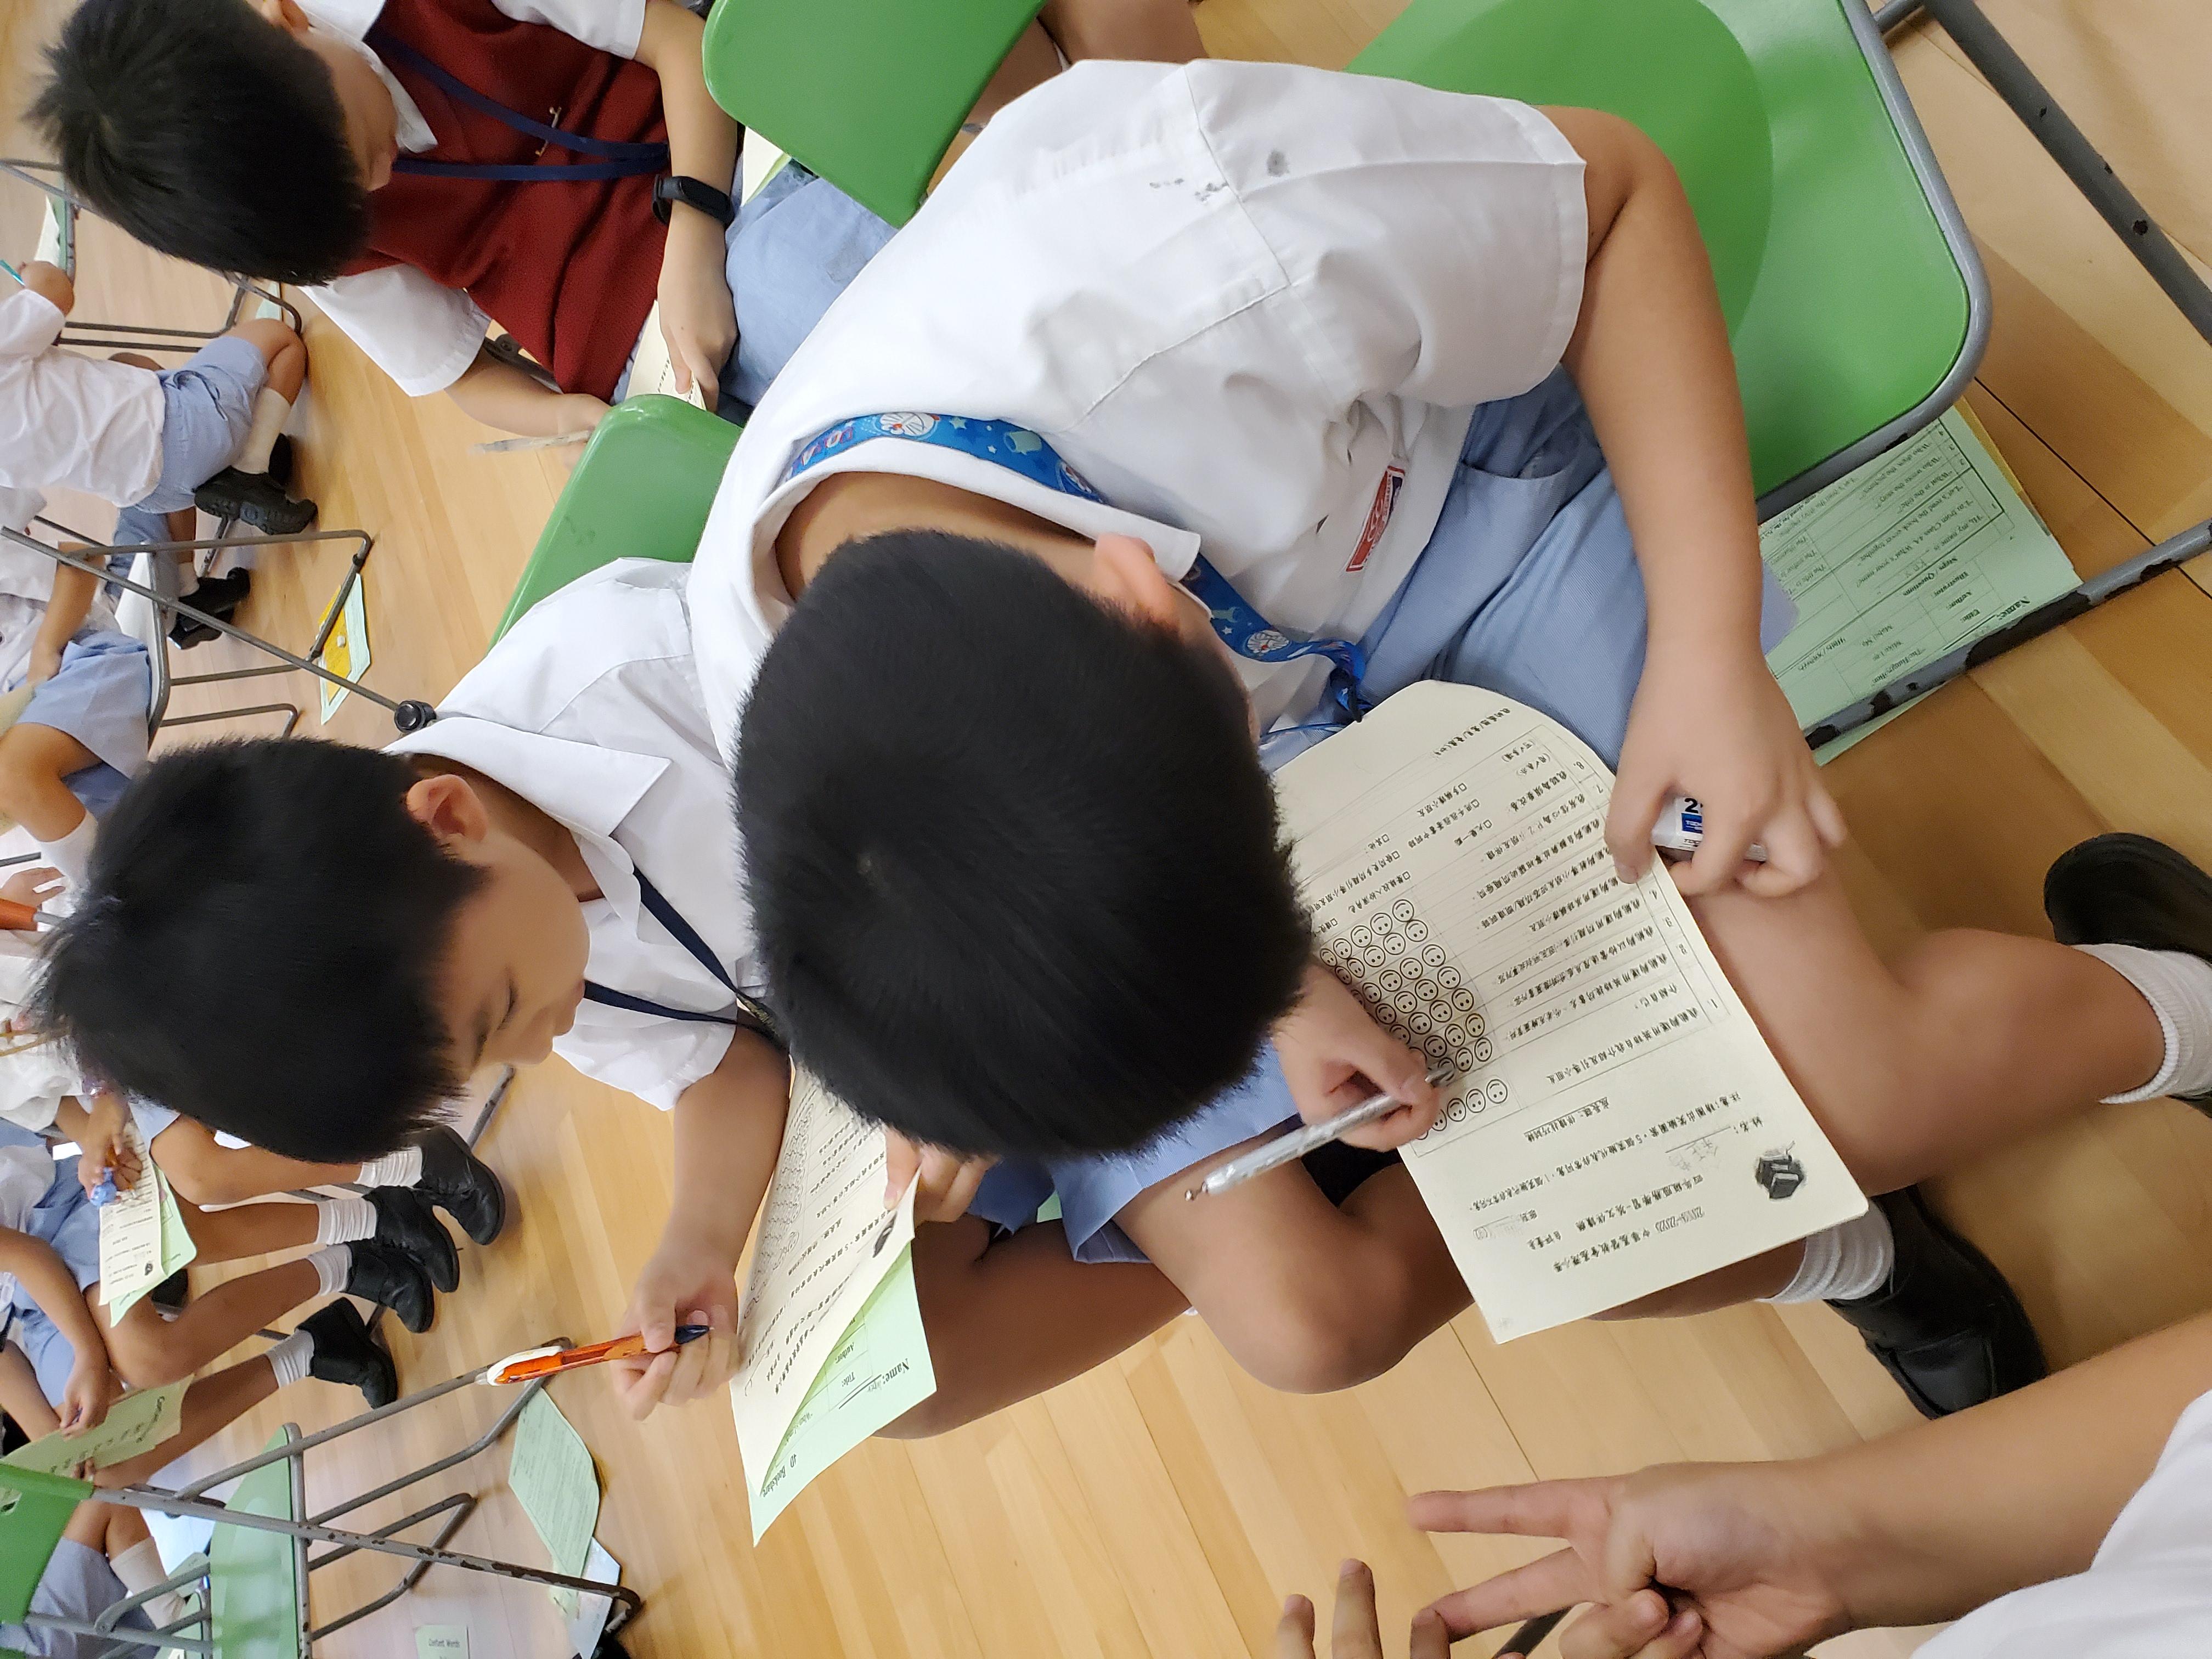 http://www.keiwan.edu.hk/sites/default/files/20191016_134419.jpg